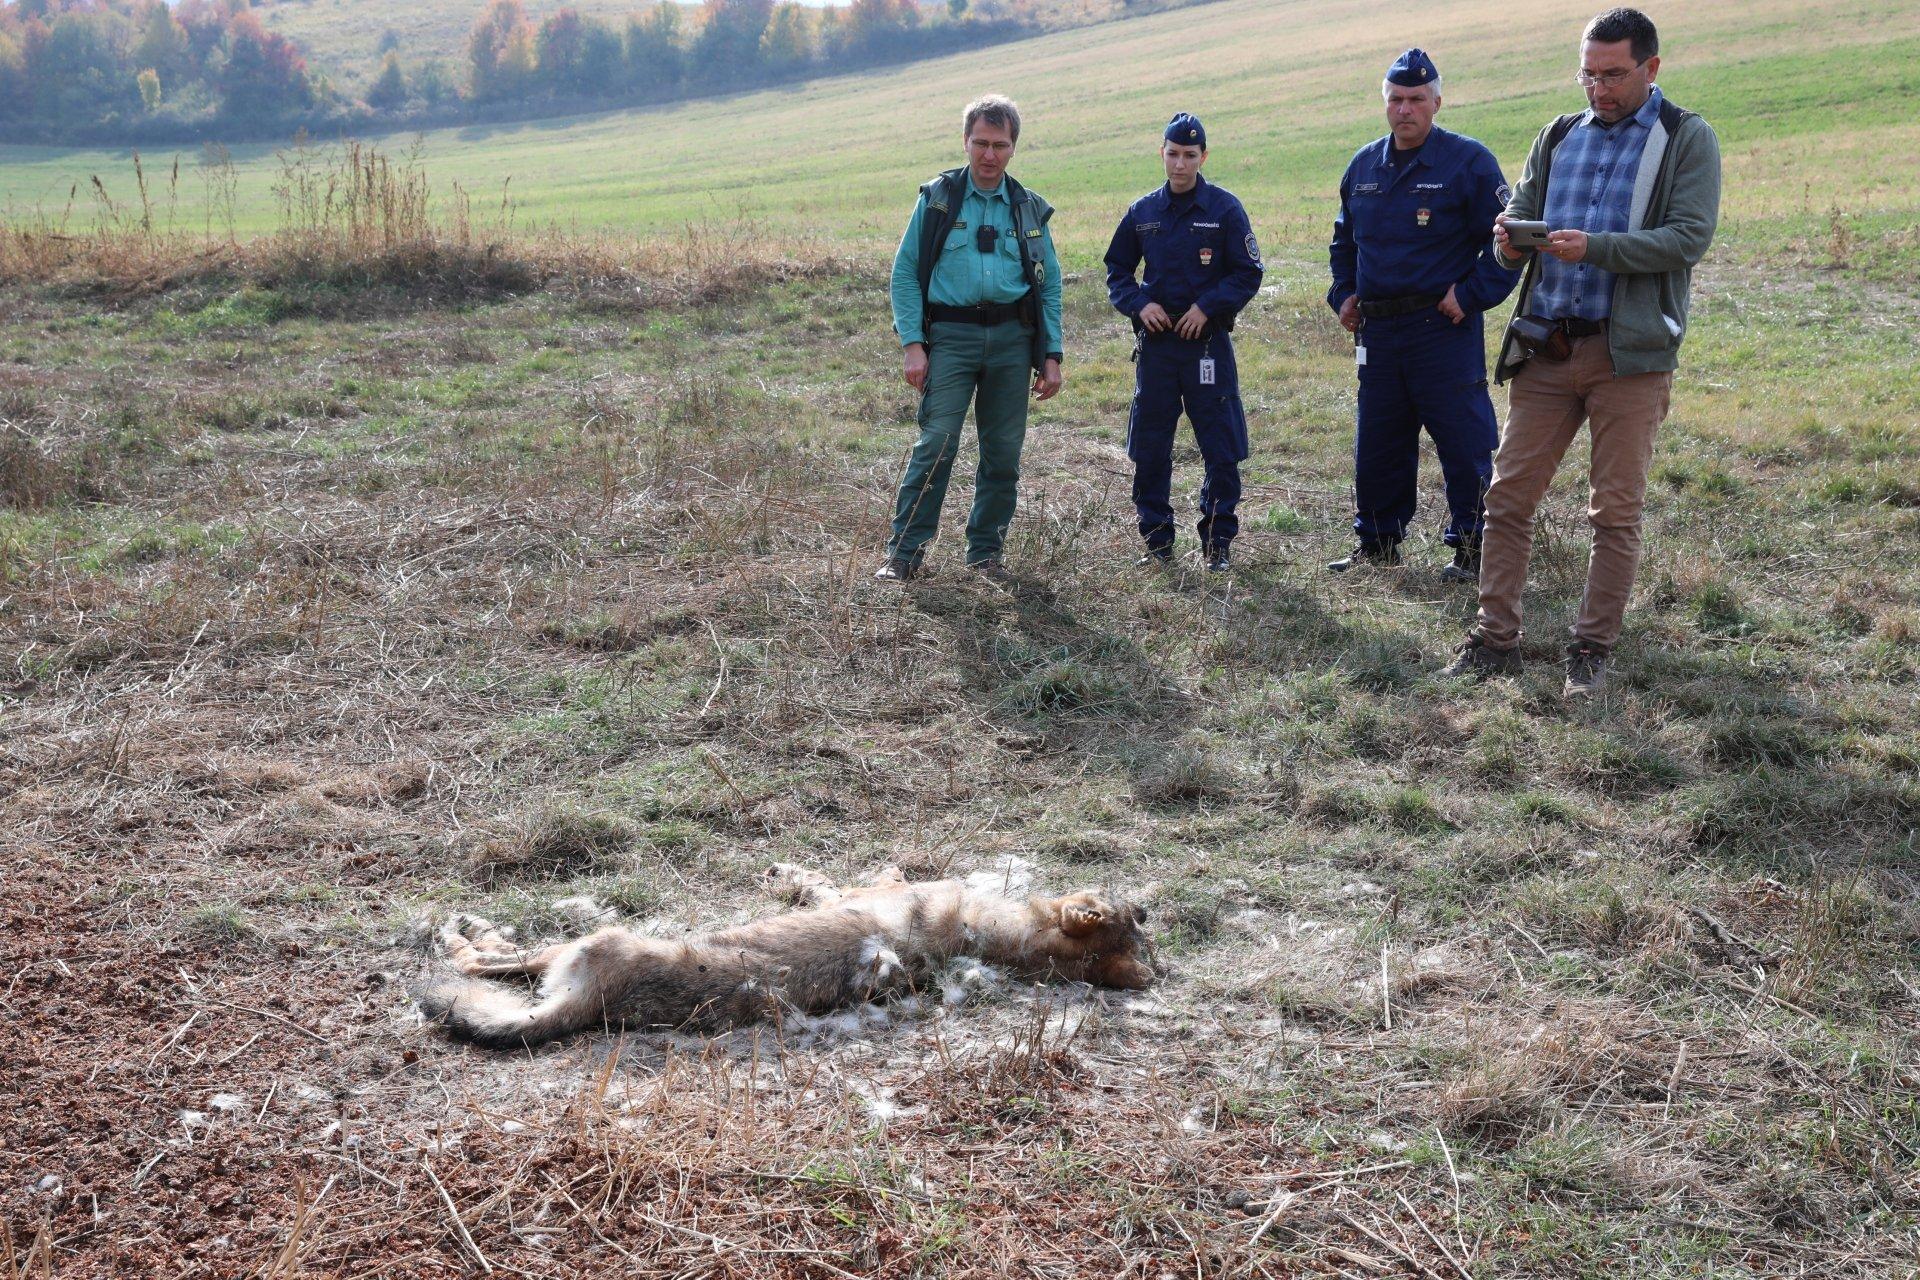 Valaki lelőtt egy farkast a Bükkben